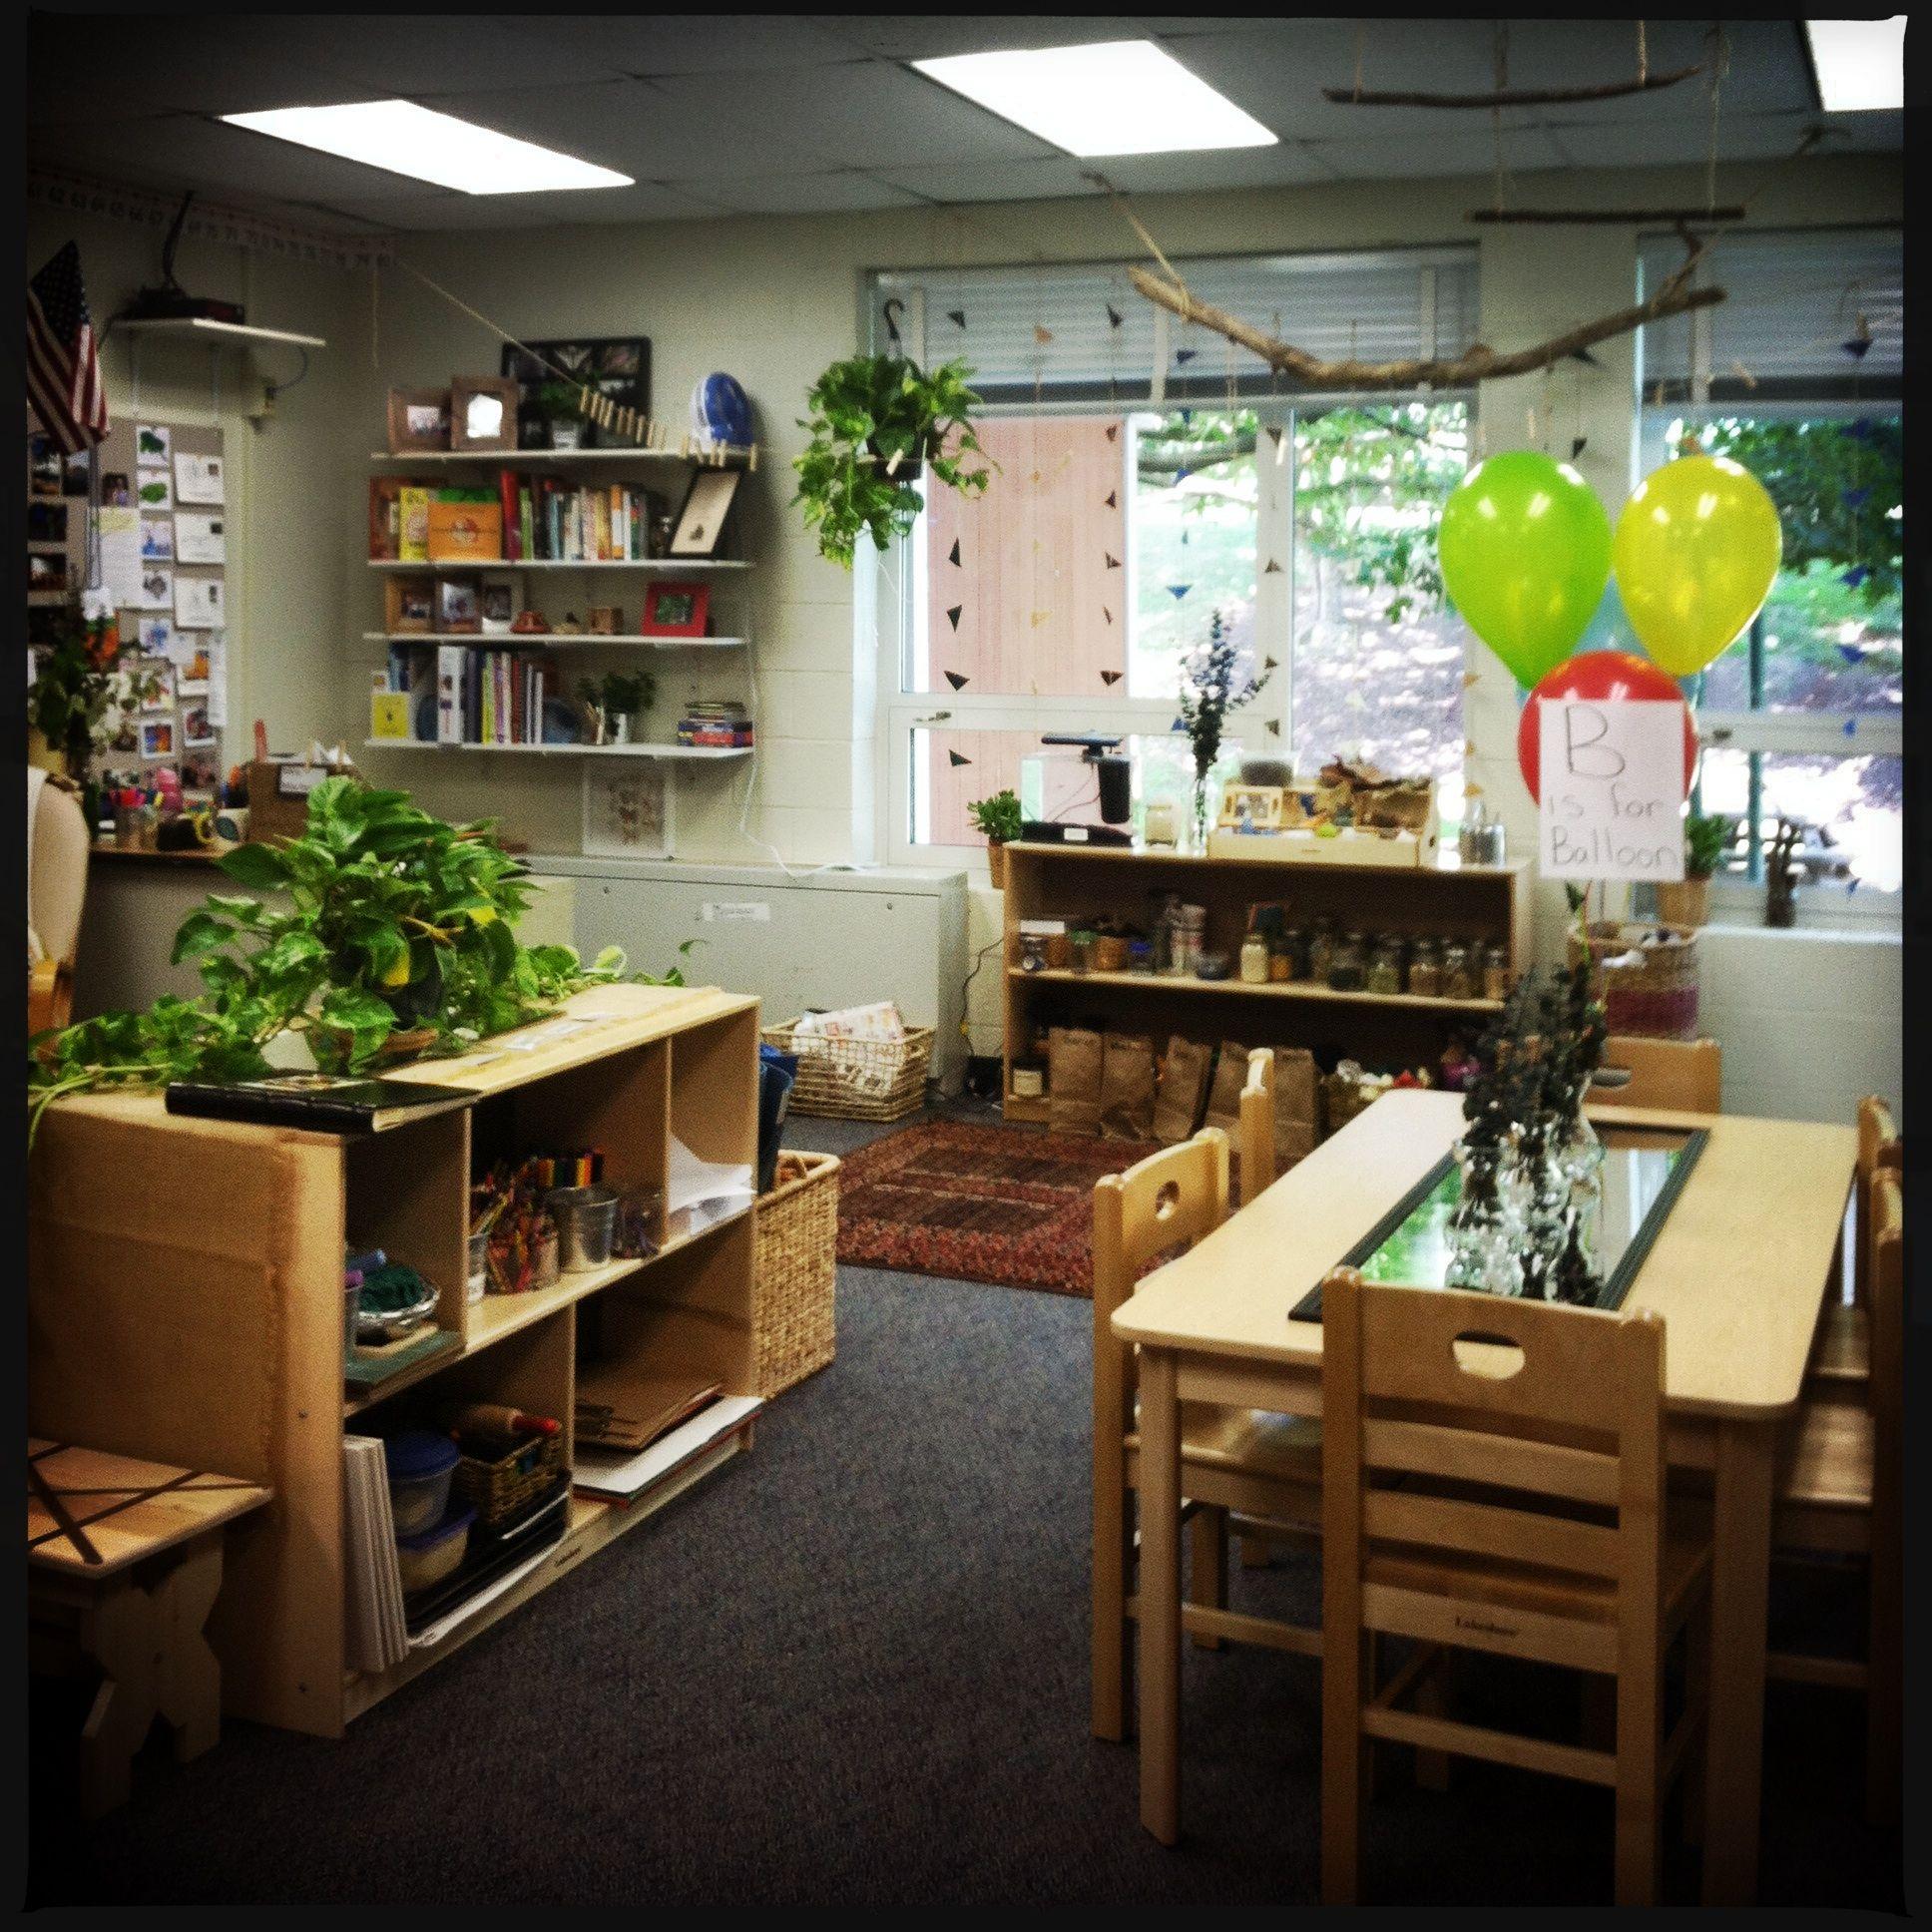 Classroom Decoration Inspiration ~ Reggio inspiration ≈≈ for more inspiring http